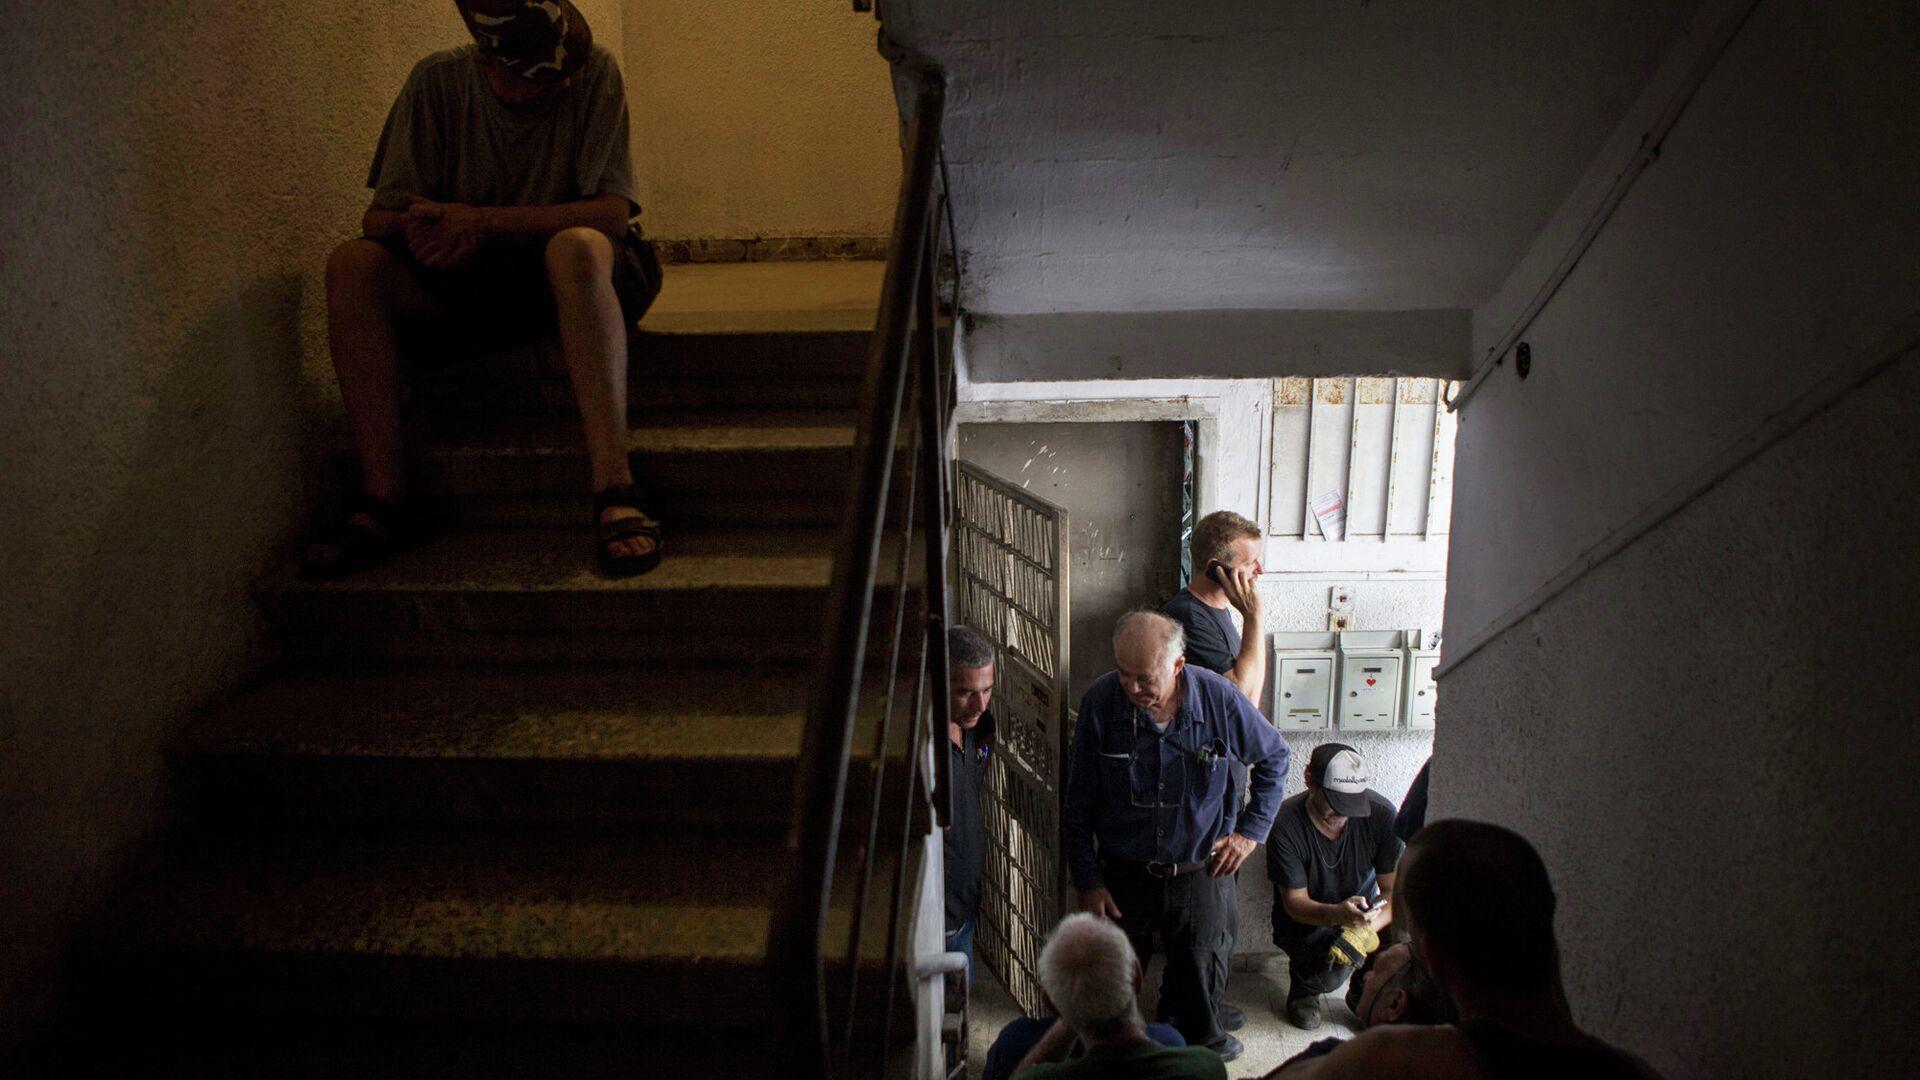 Жители города Тель-Авив укрываются в здании во время ракетного обстрела - РИА Новости, 1920, 12.05.2021